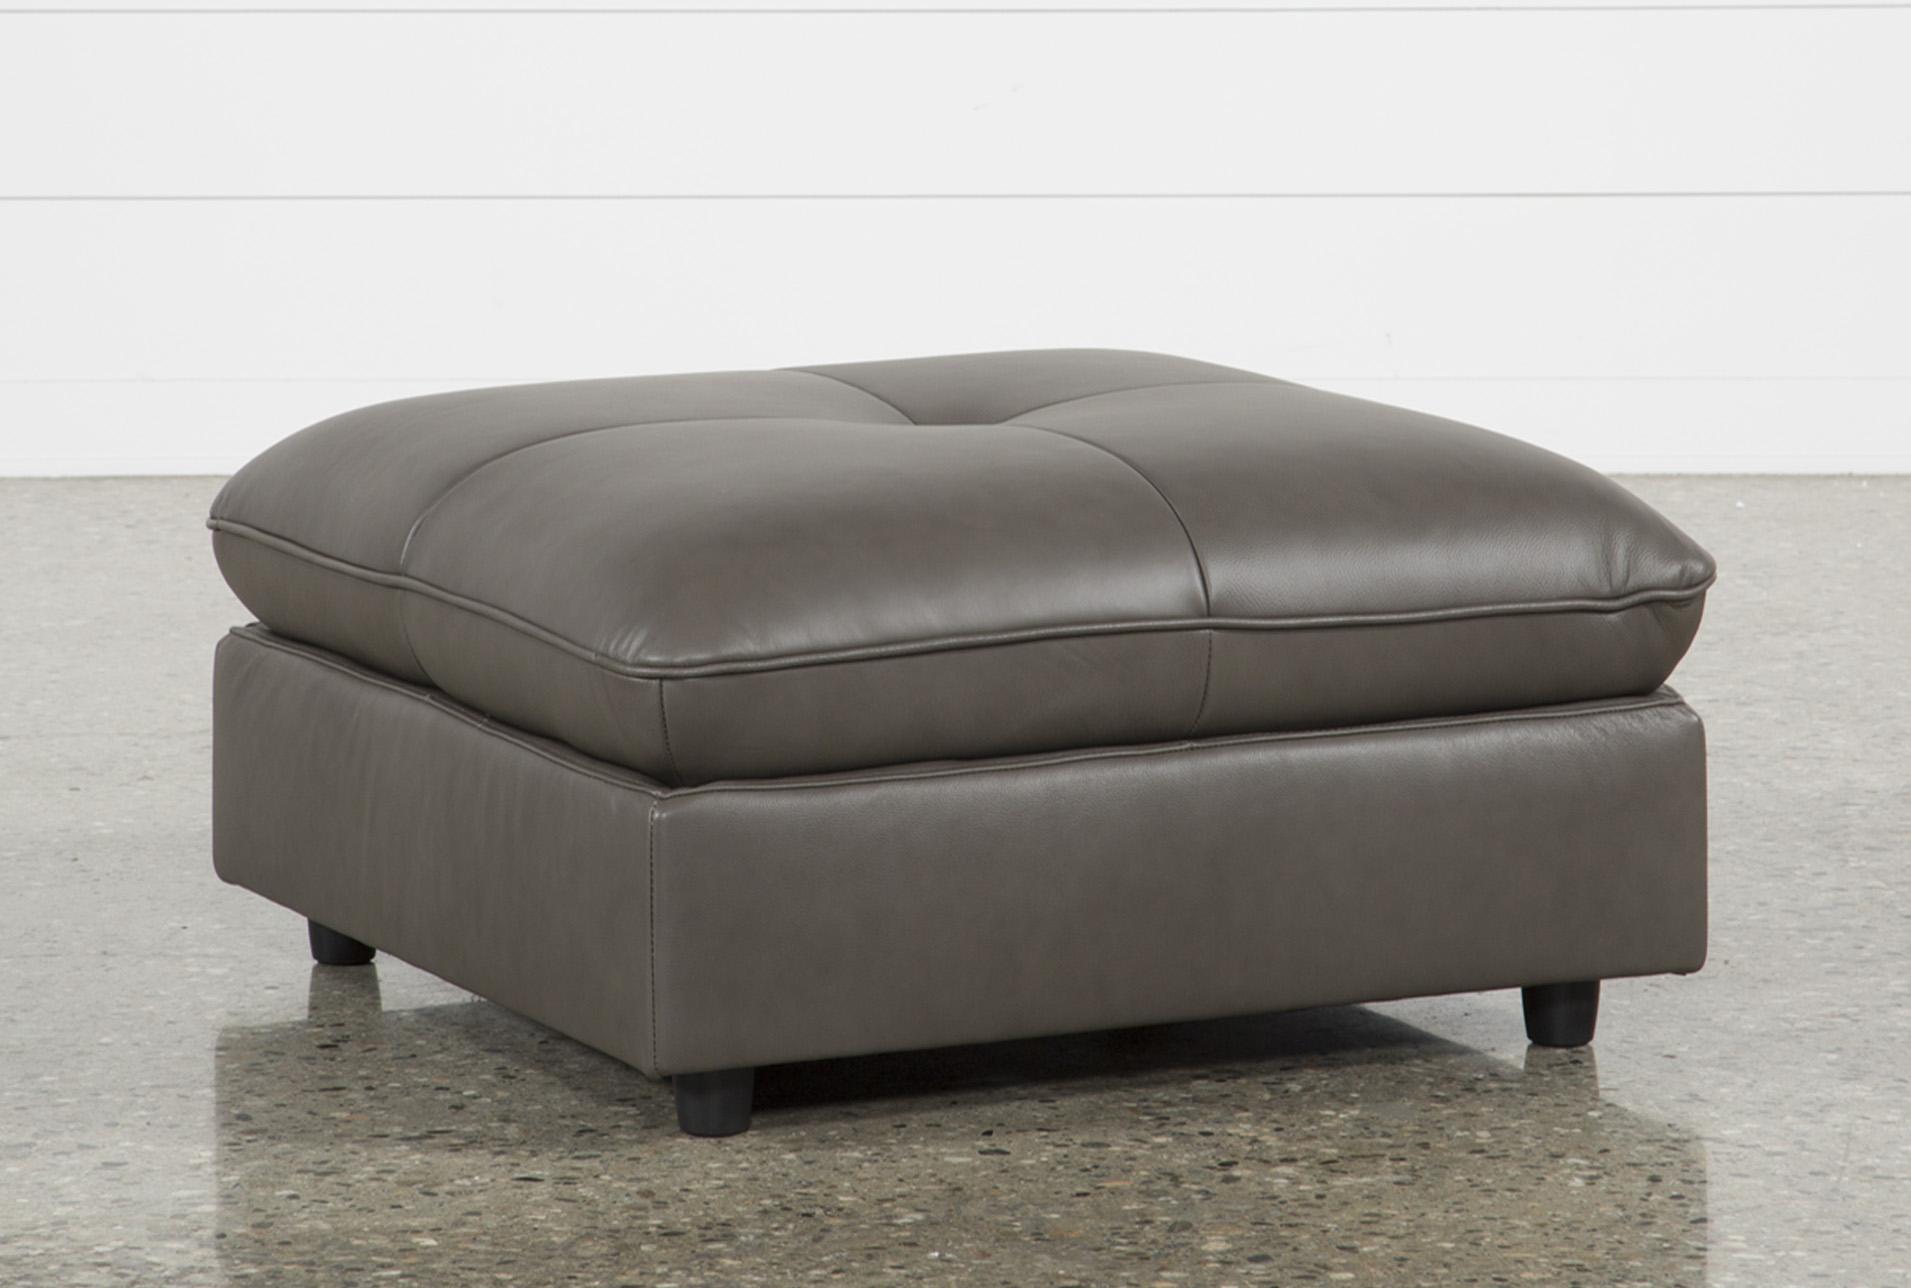 Adele Grey Leather Ottoman   360